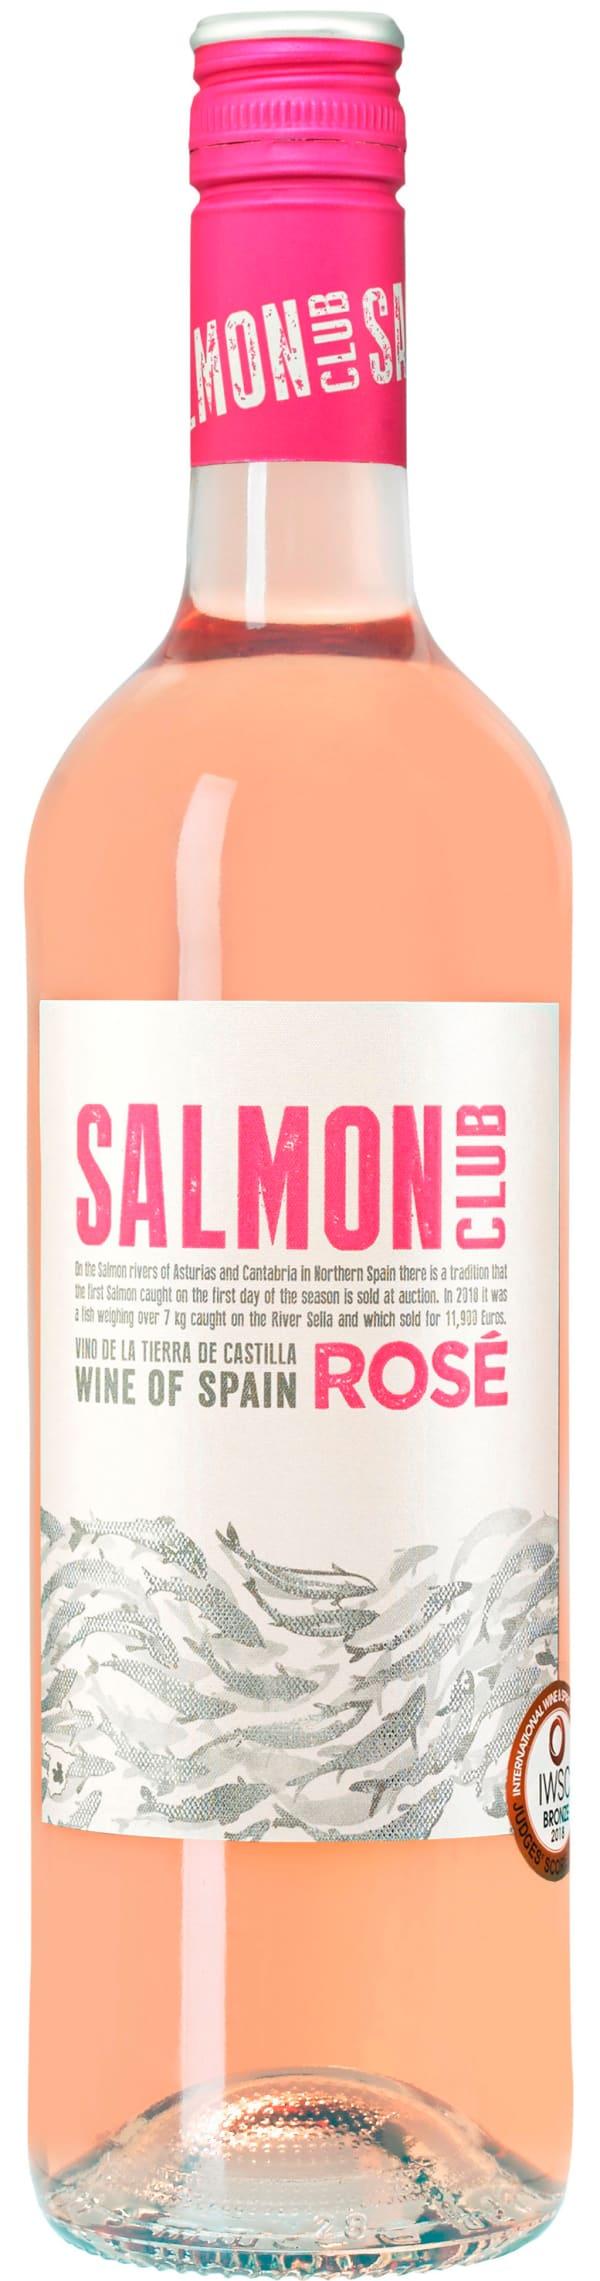 Salmon Club Rosé 2019